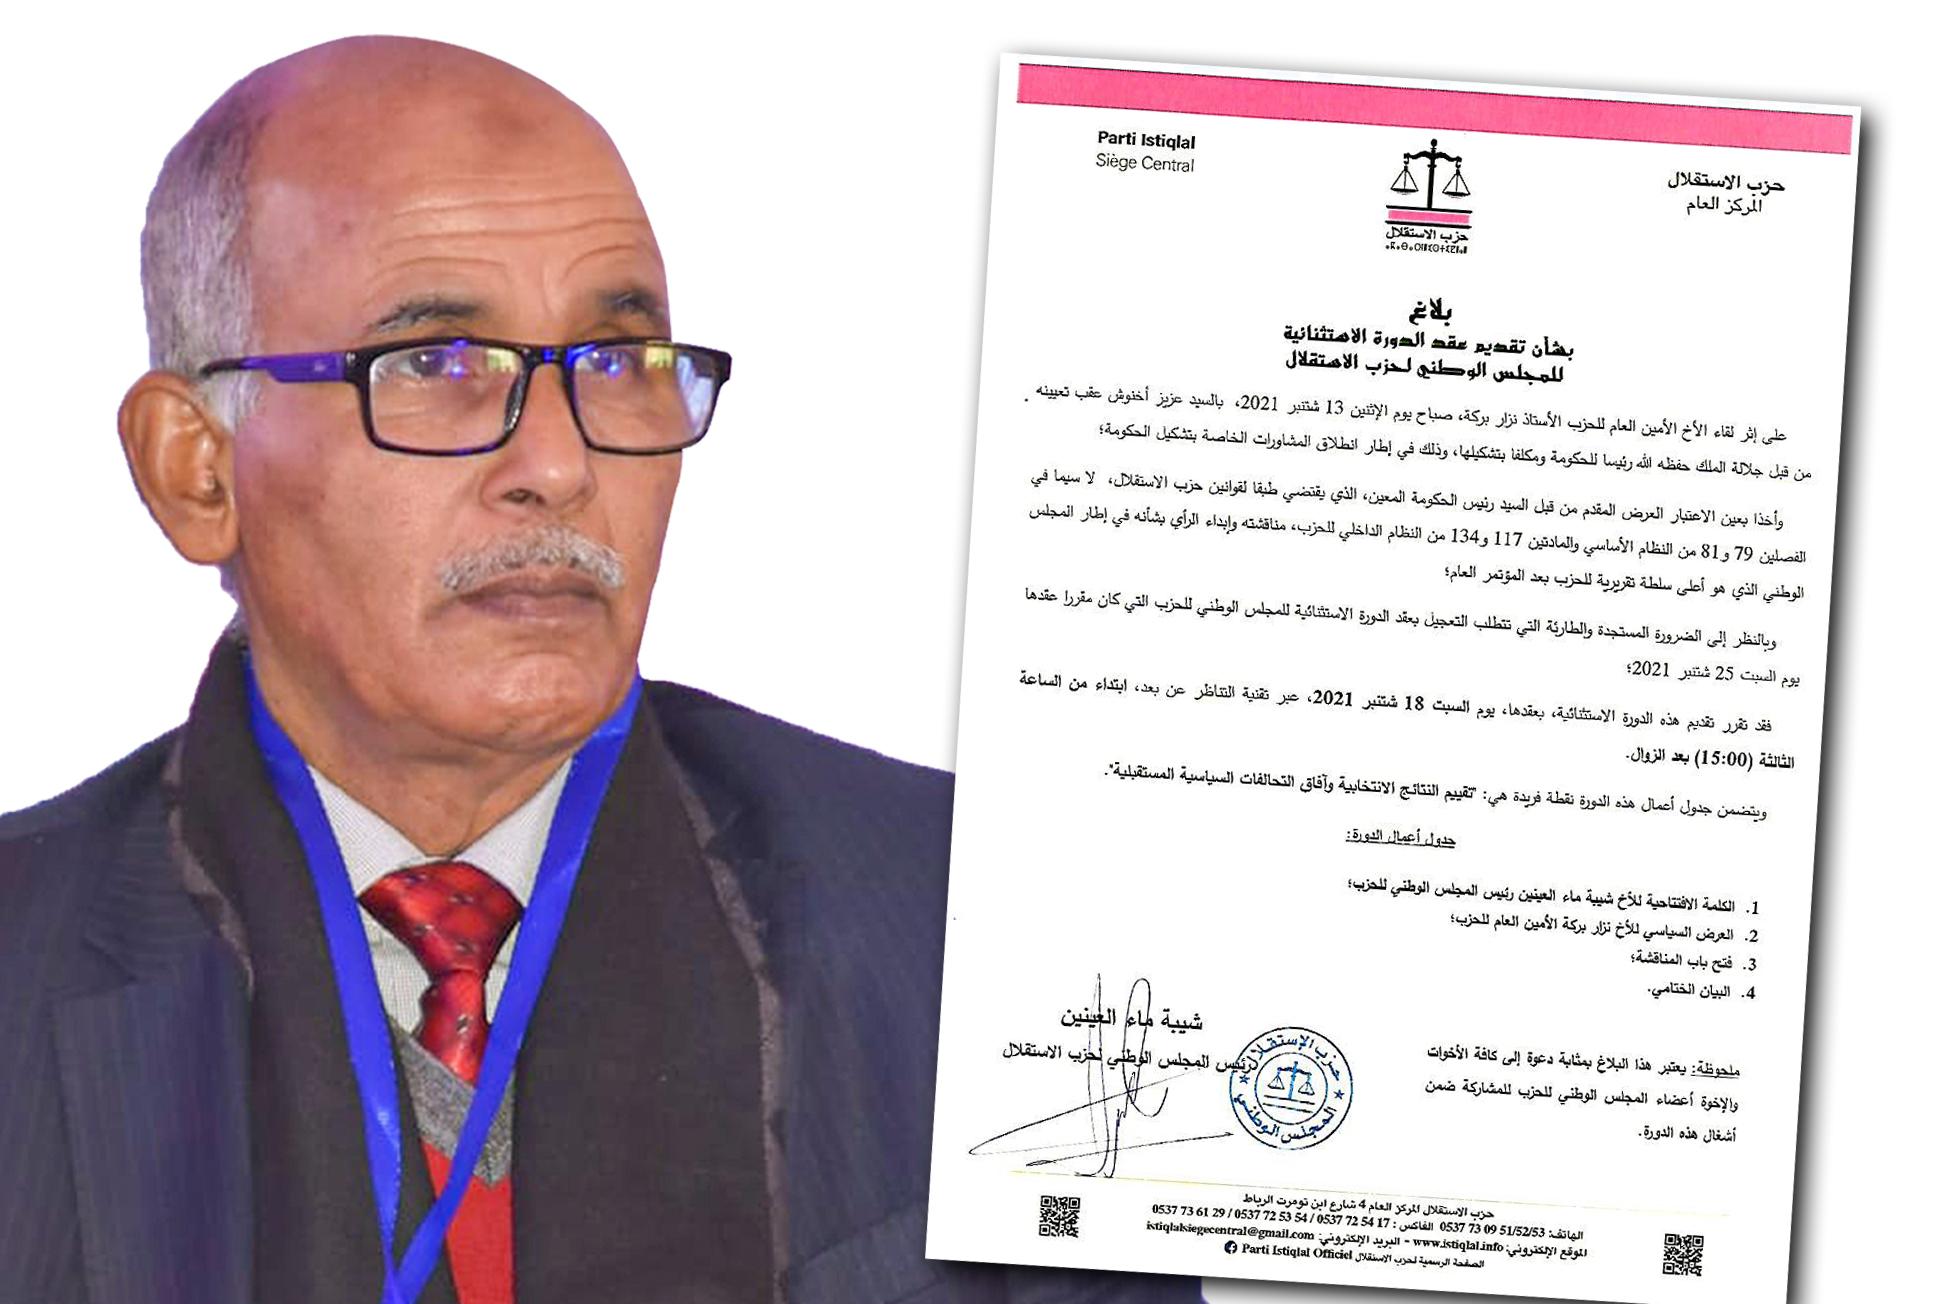 بلاغ بشأن تقديم عقد الدورة الاستثنائية للمجلس الوطني لحزب الاستقلال